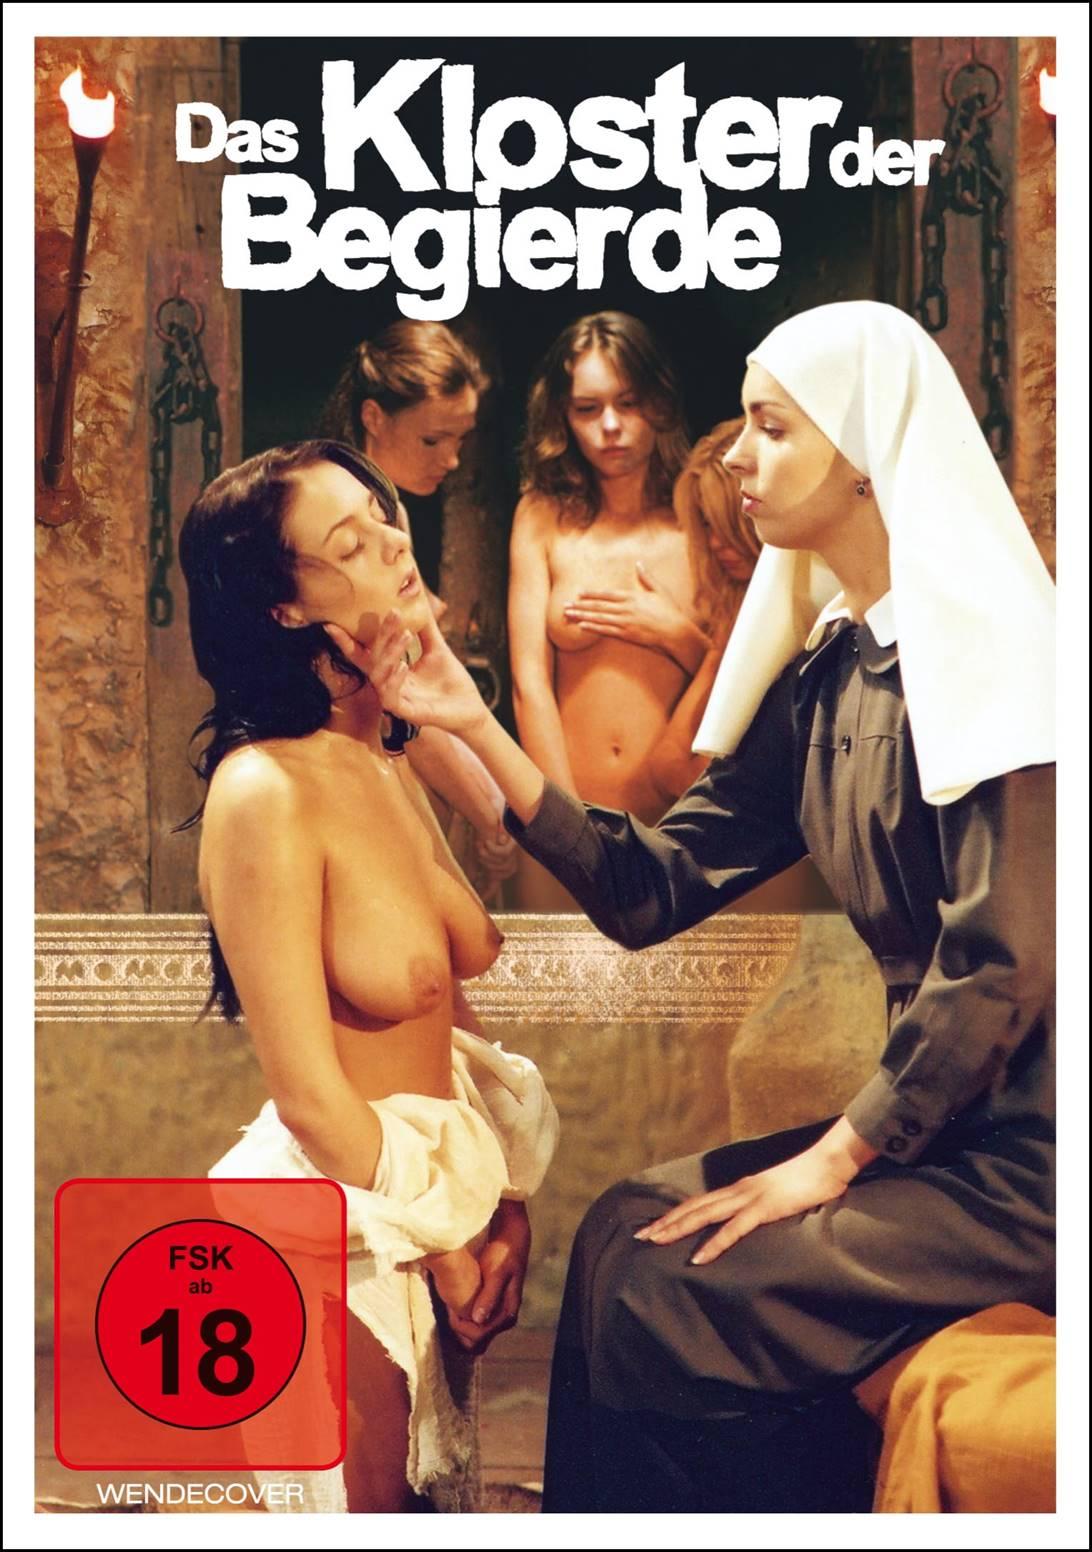 kenky sex erotische films online